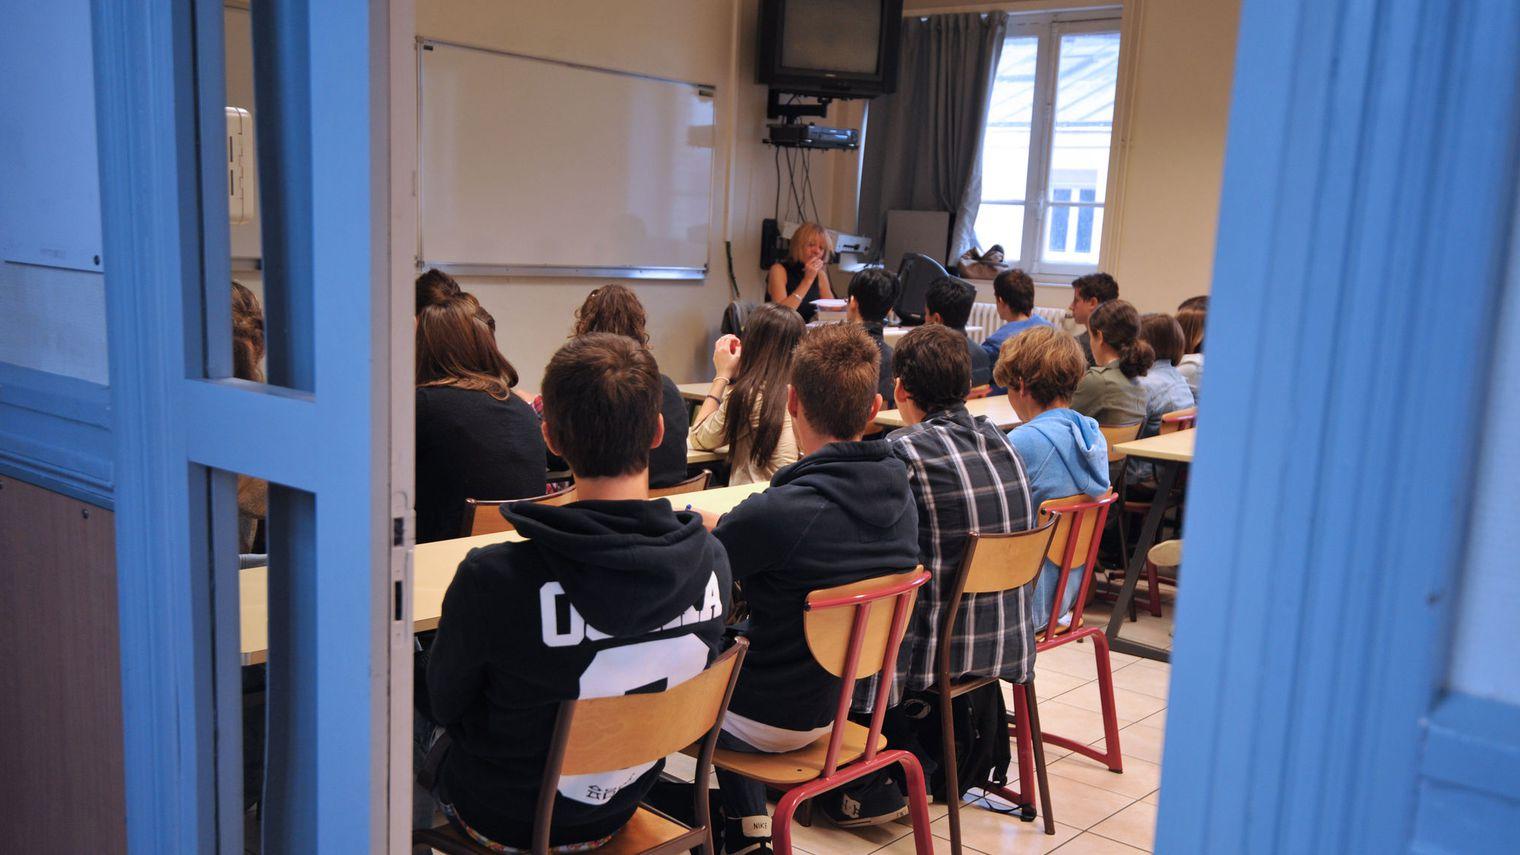 Montpellier : la mixit sociale l emporte au collge Las-Cazes - Le College las cazes photos classe